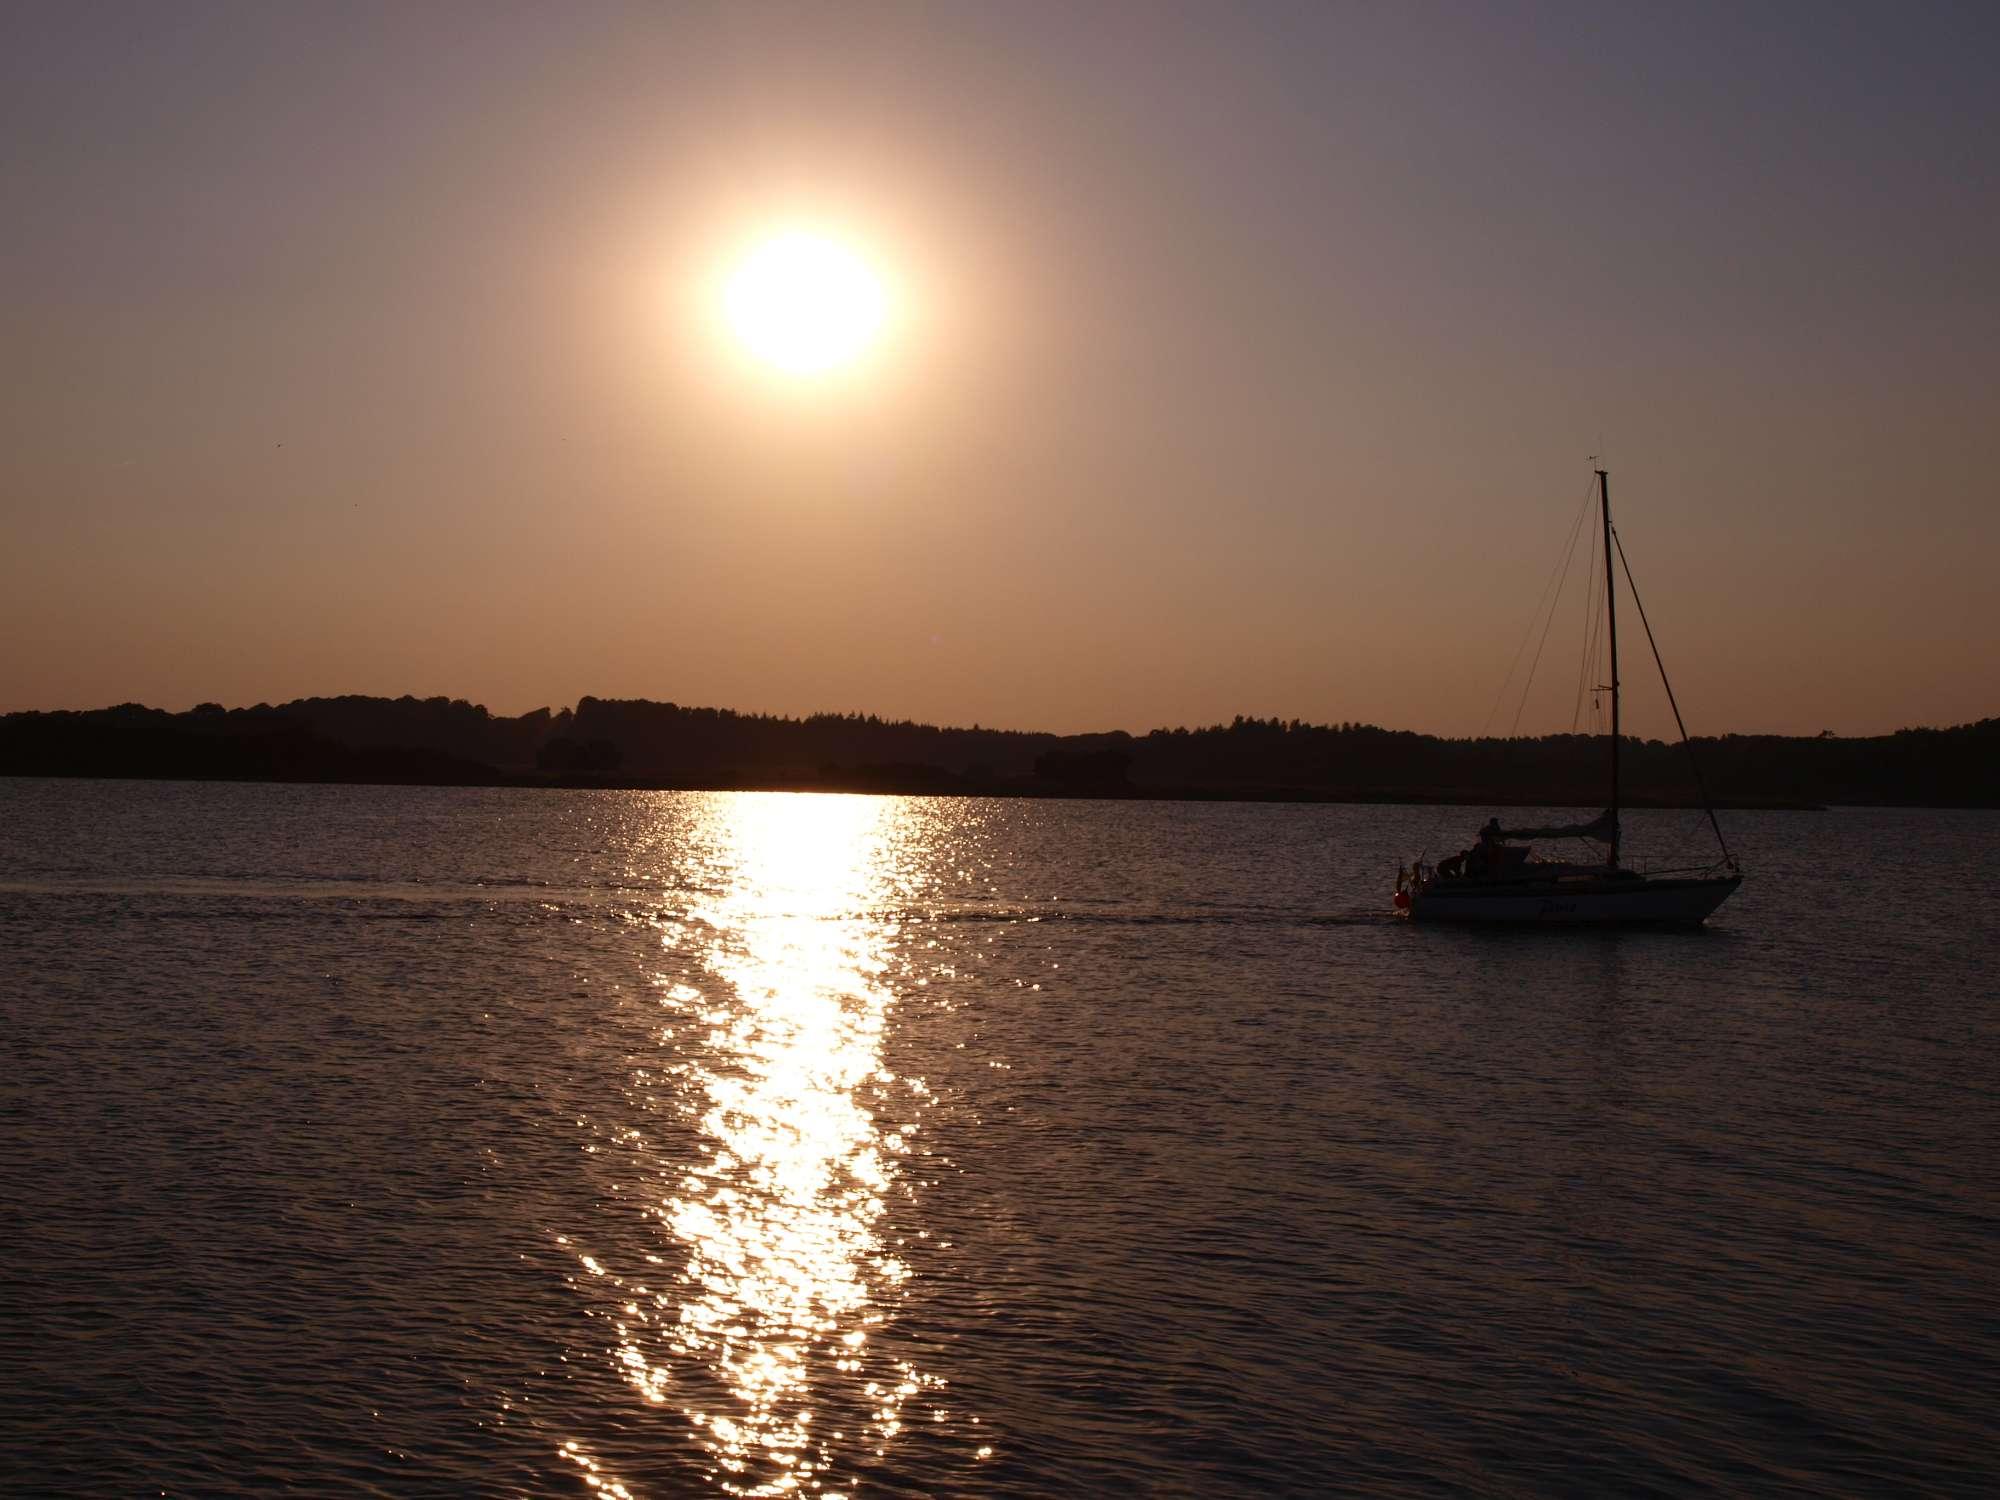 Urlaub an Ostsee und Schlei - Abenddämmerung an der Schlei